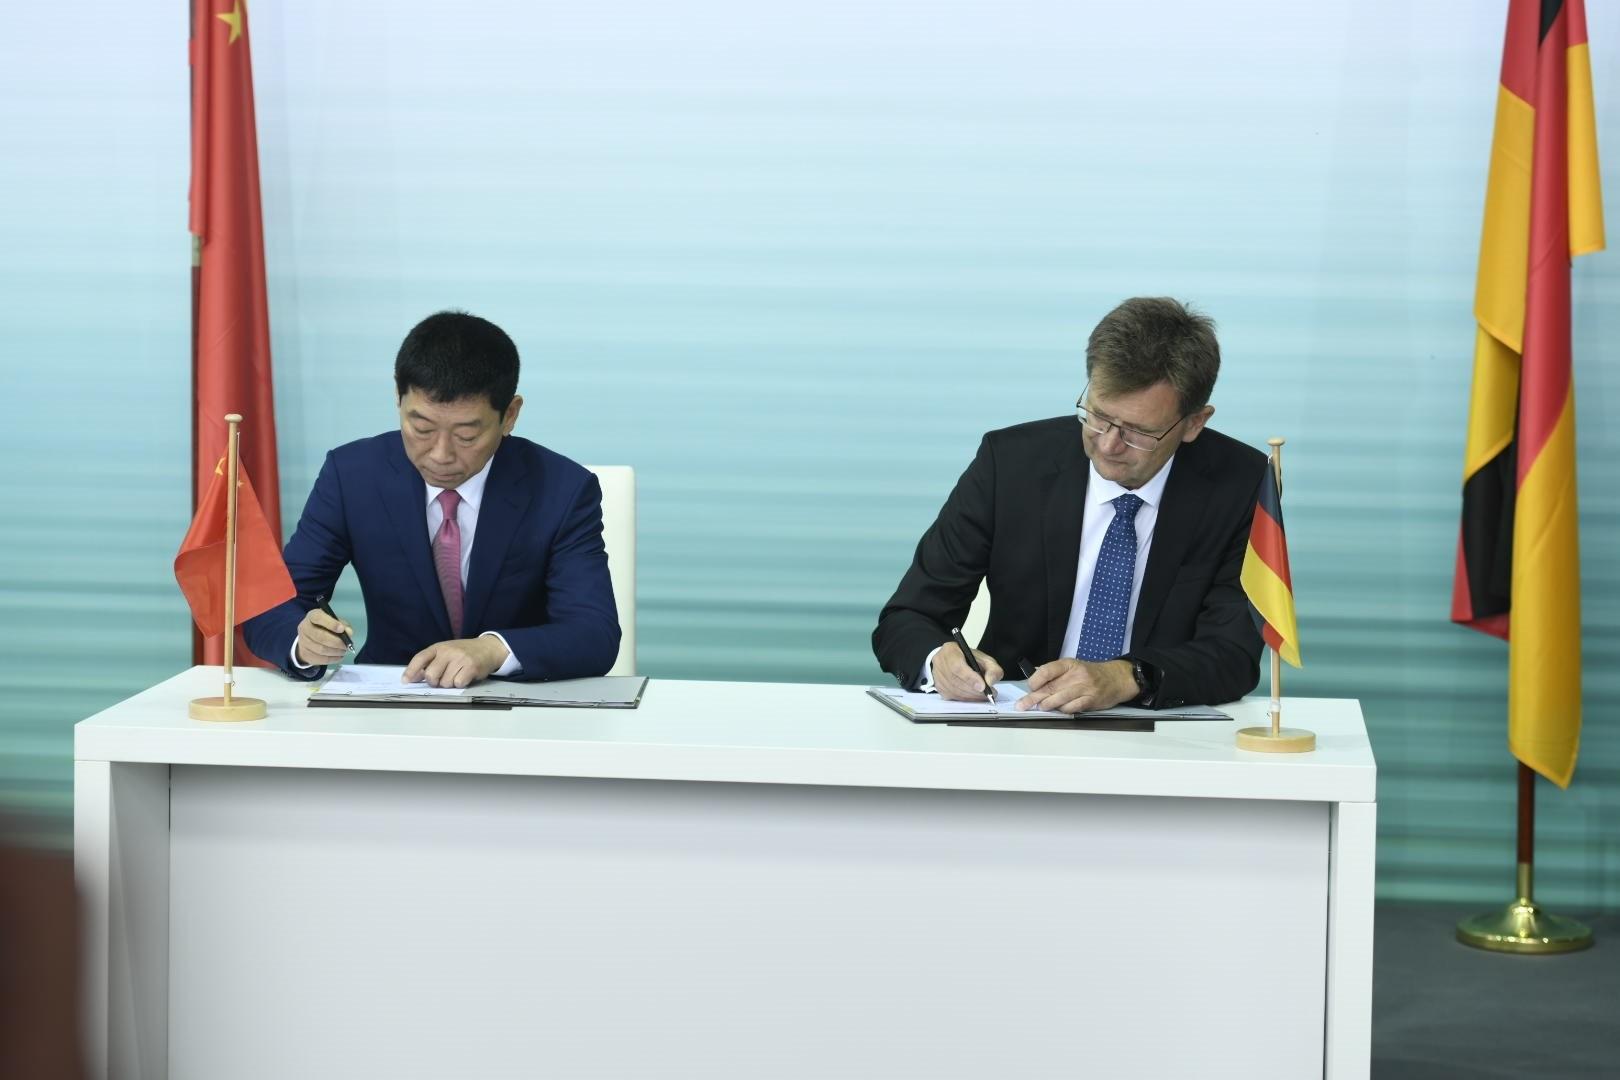 Προχωράει η συνεργασία για ηλεκτρικά οχήματα MINI στην Κίνα